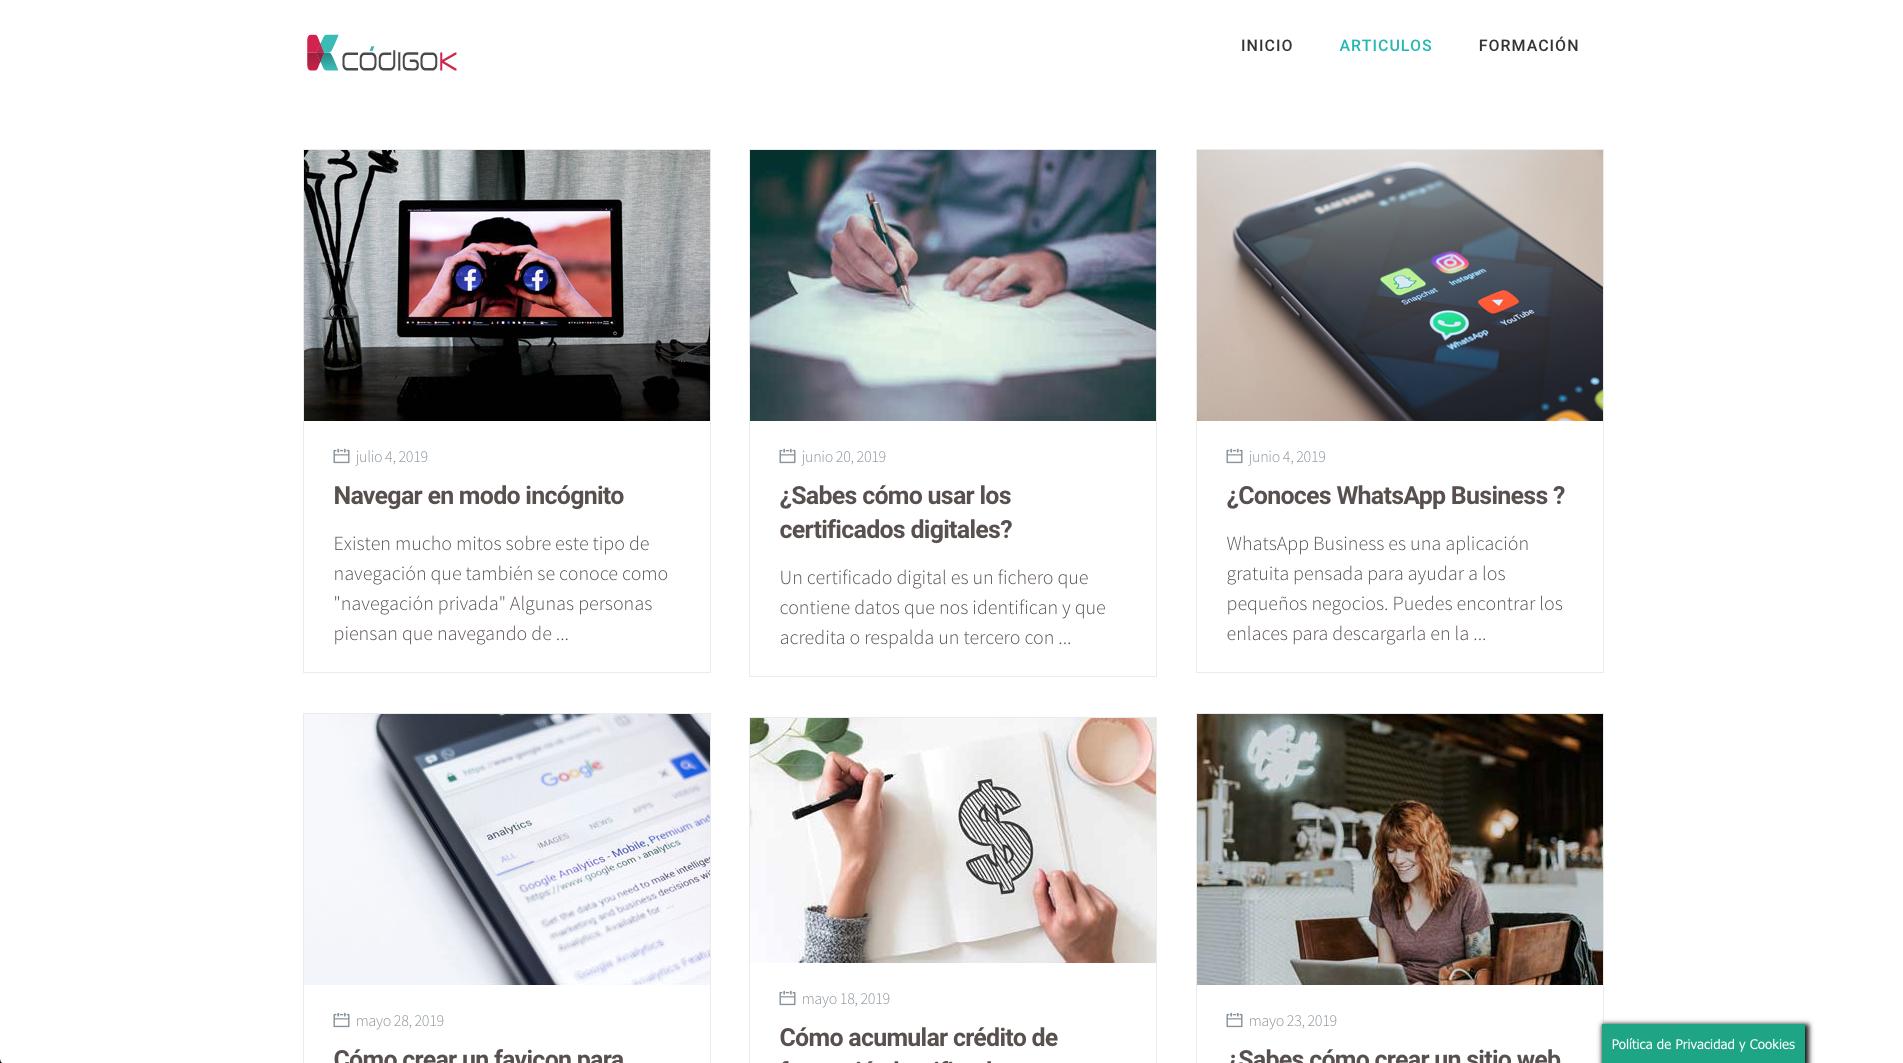 Blog codigoK articulos